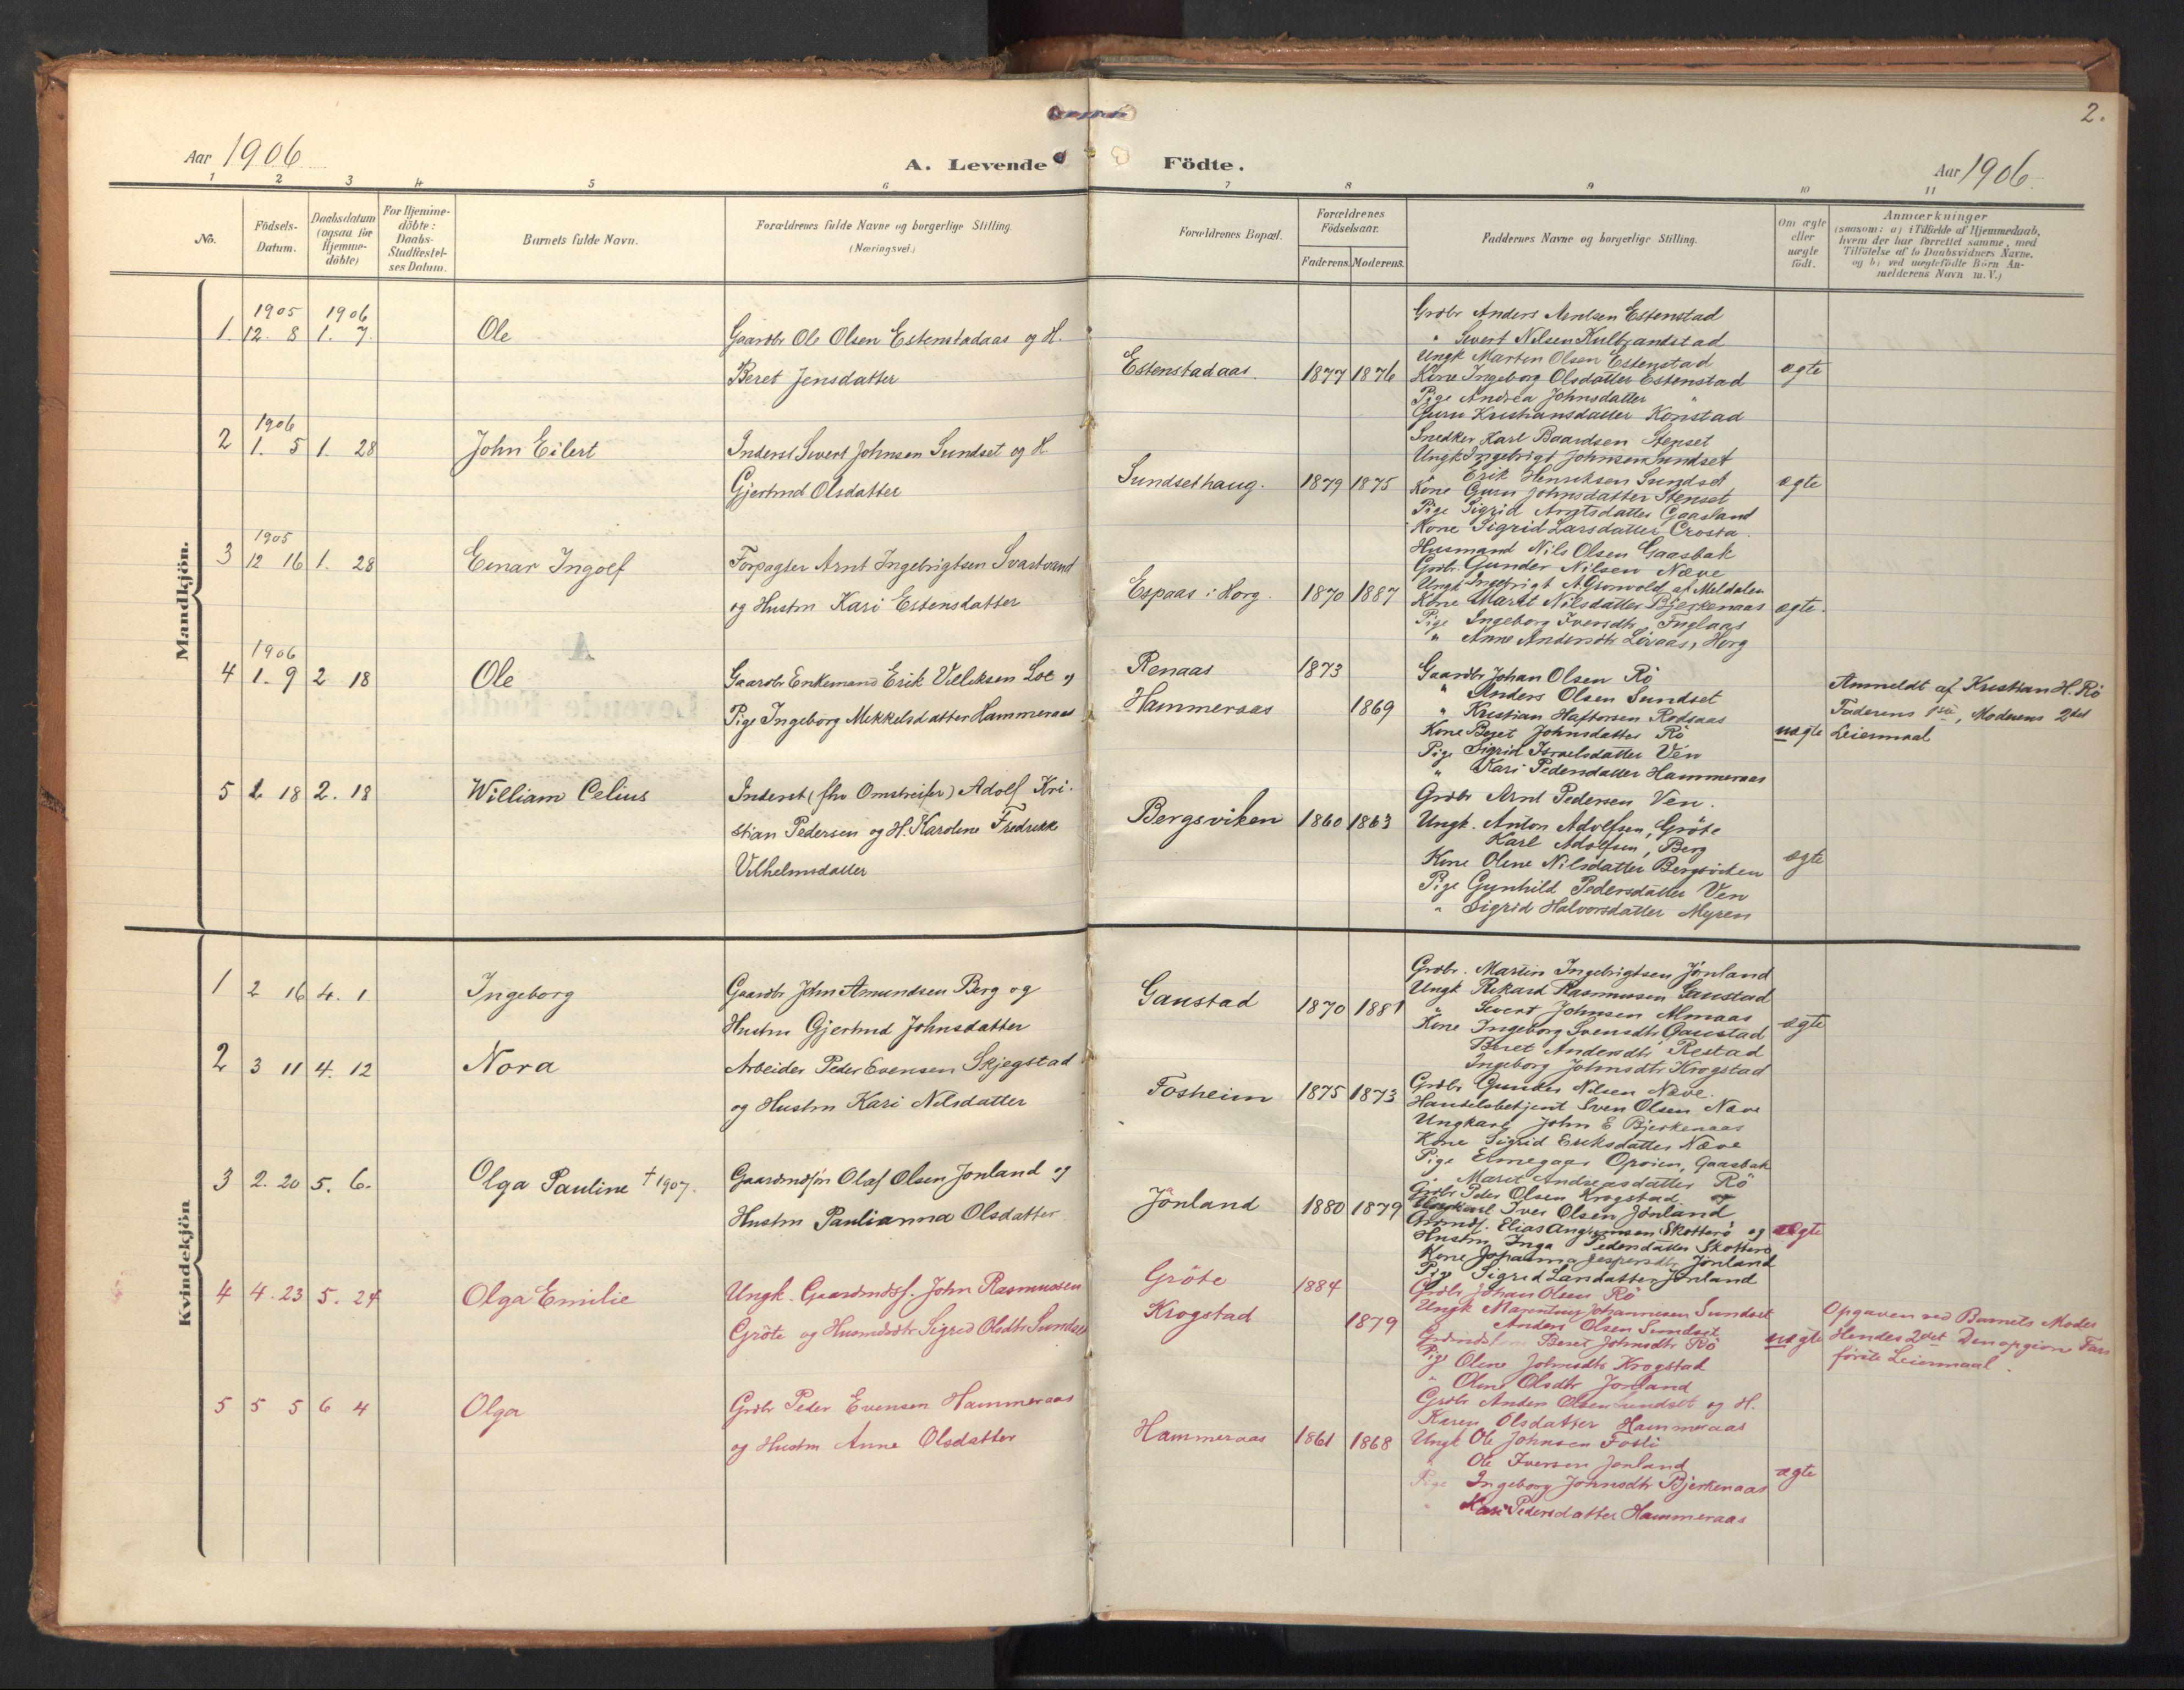 SAT, Ministerialprotokoller, klokkerbøker og fødselsregistre - Sør-Trøndelag, 694/L1128: Ministerialbok nr. 694A02, 1906-1931, s. 2